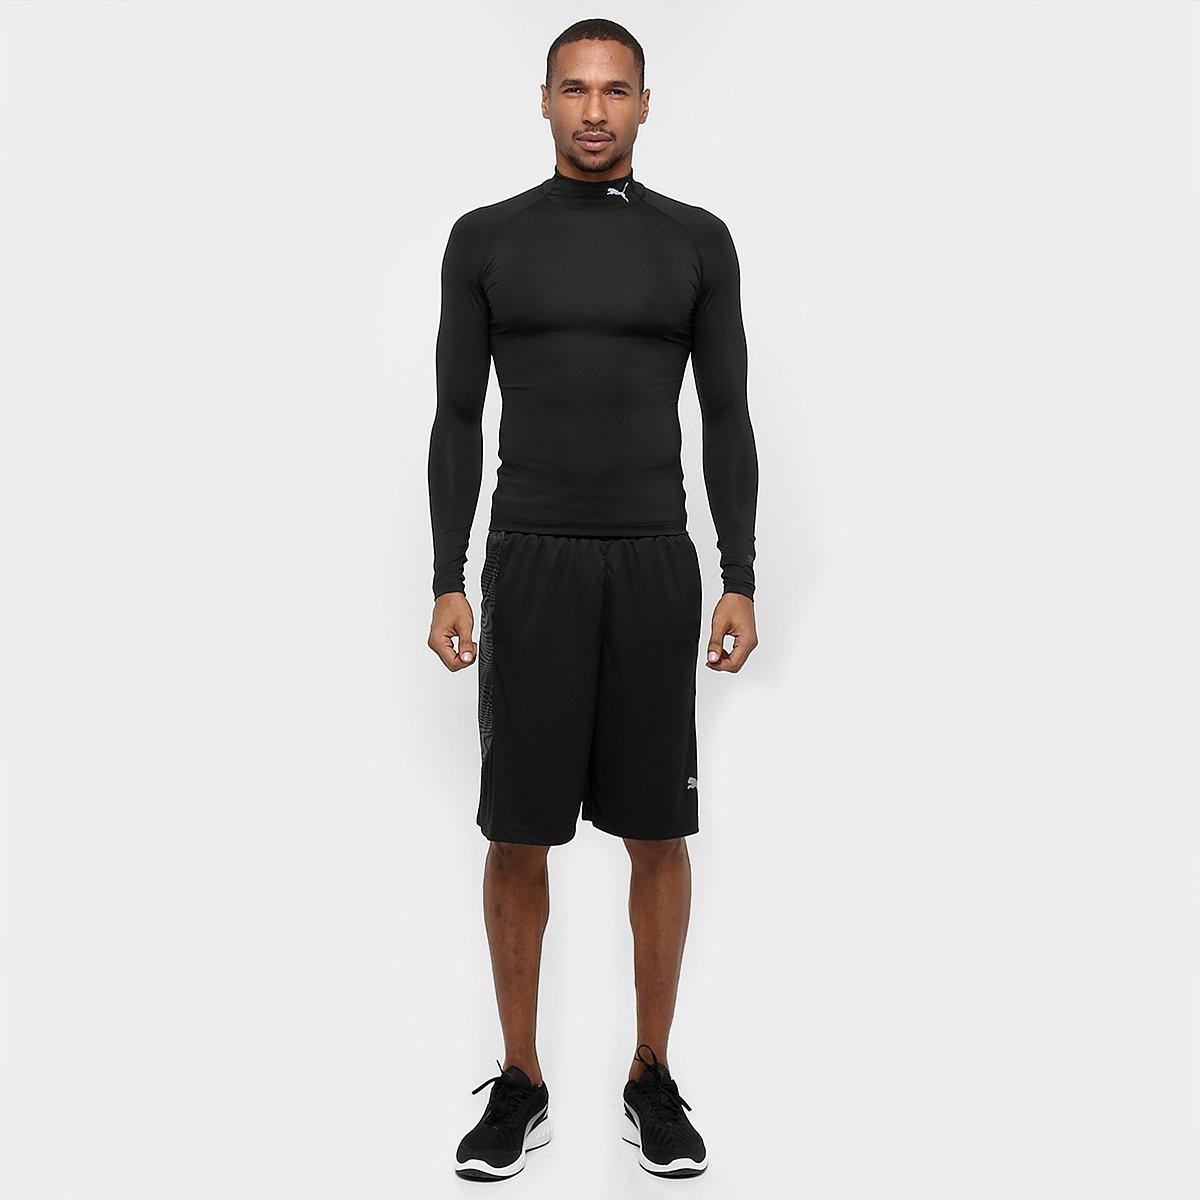 c99107323e Camisa de Compressão Puma Lite Manga Longa - Compre Agora